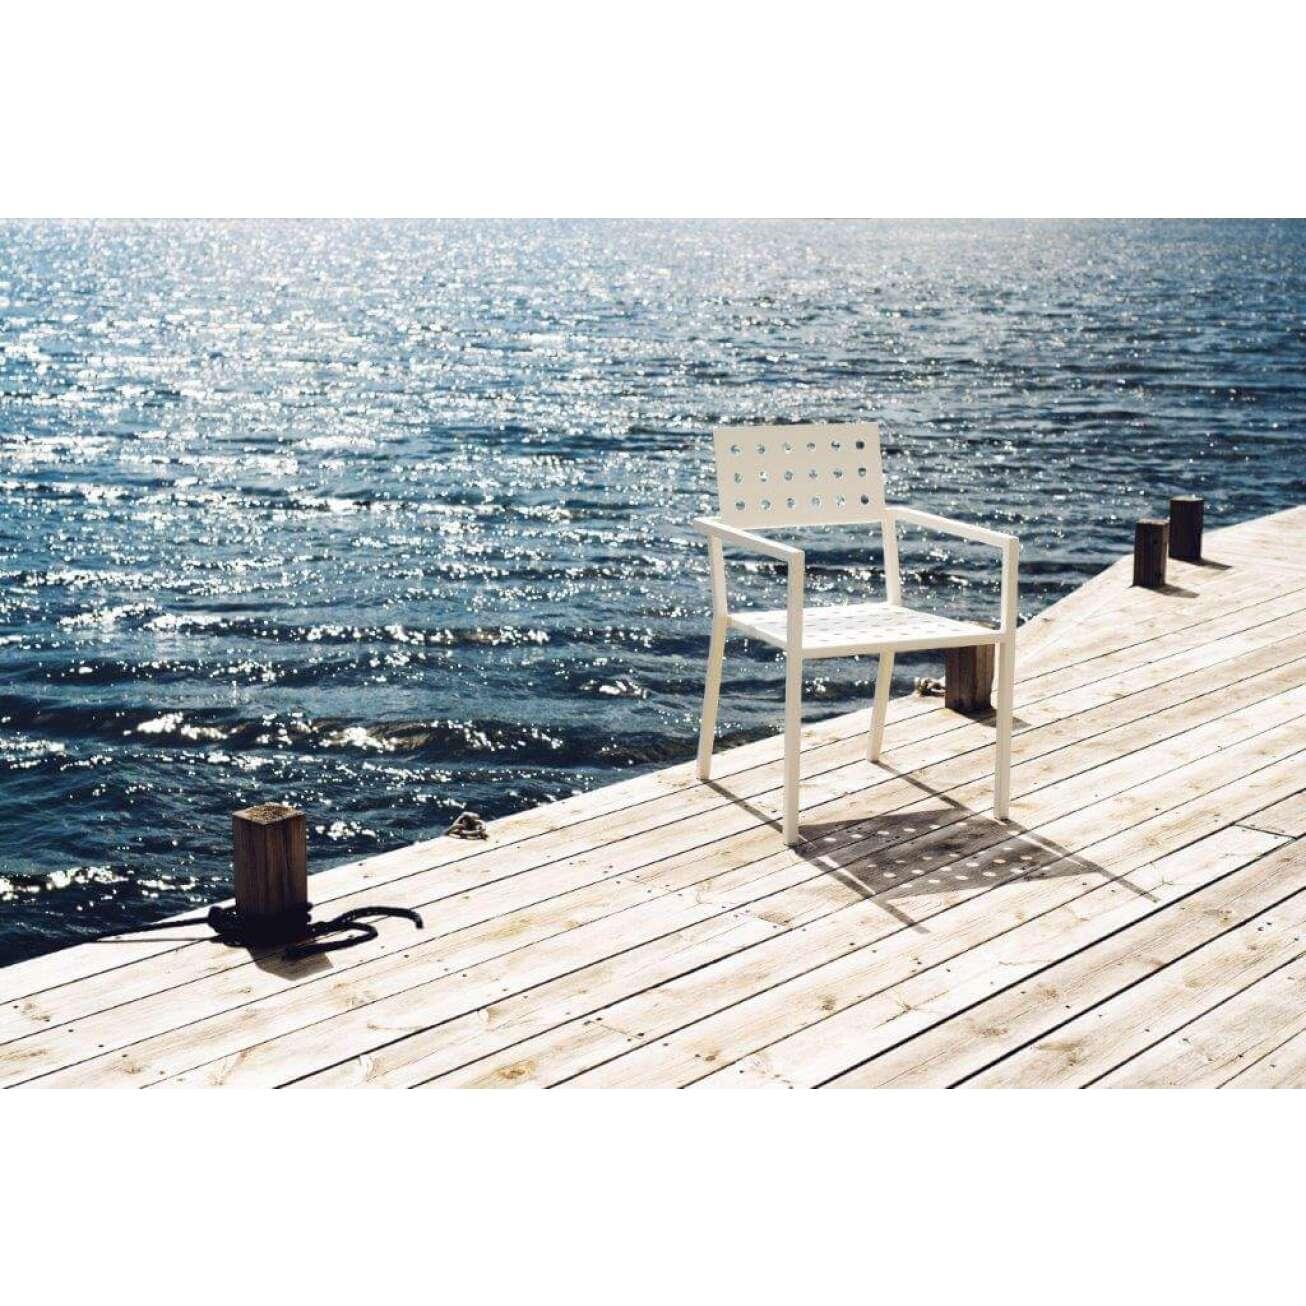 Sundays Frame spisestol i hvit aluminium i sollys, på platting ved havet